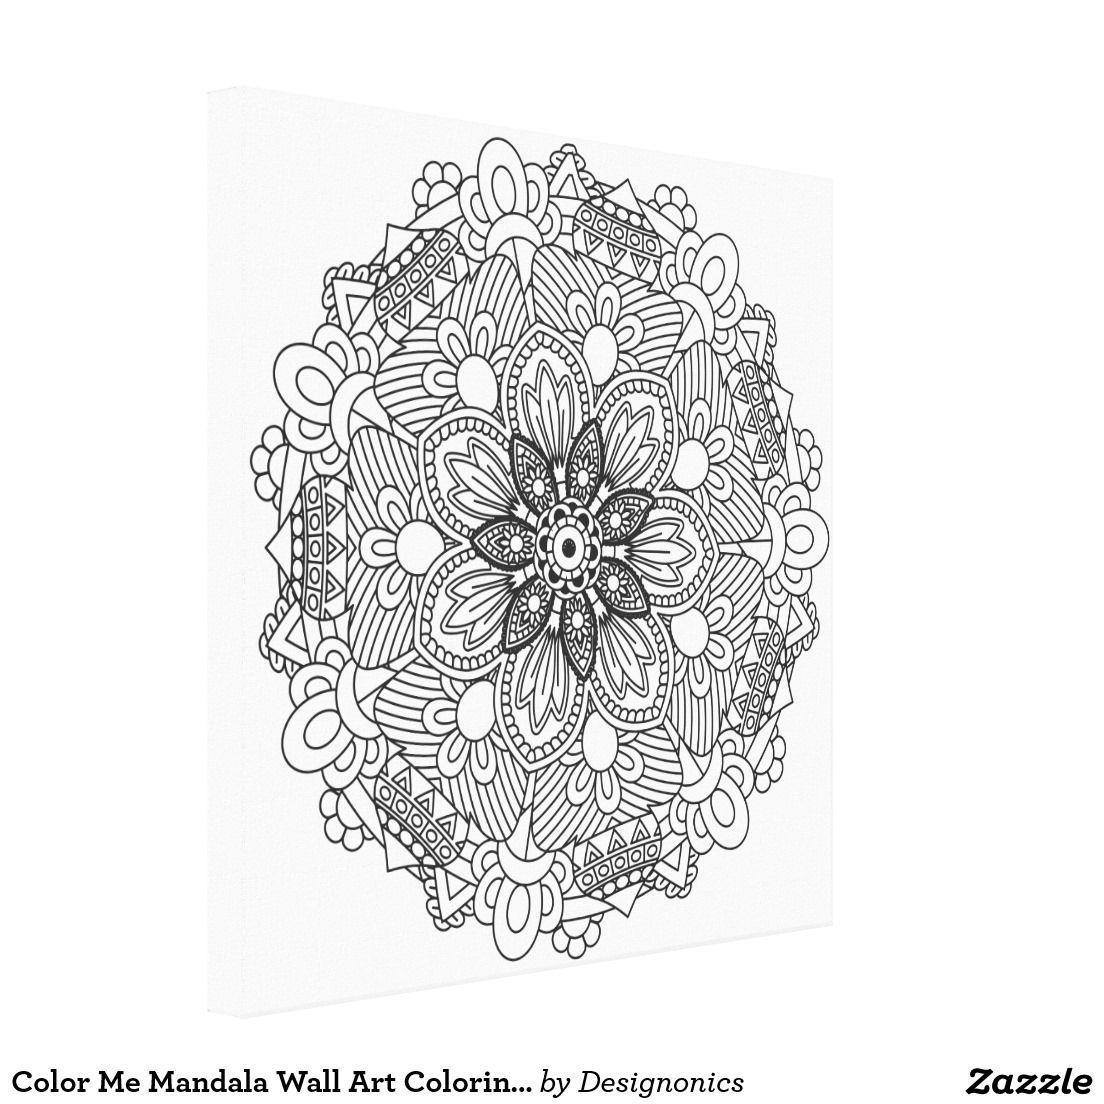 Color Me Mandala Wall Art Coloring Canvas Designonics Coloring